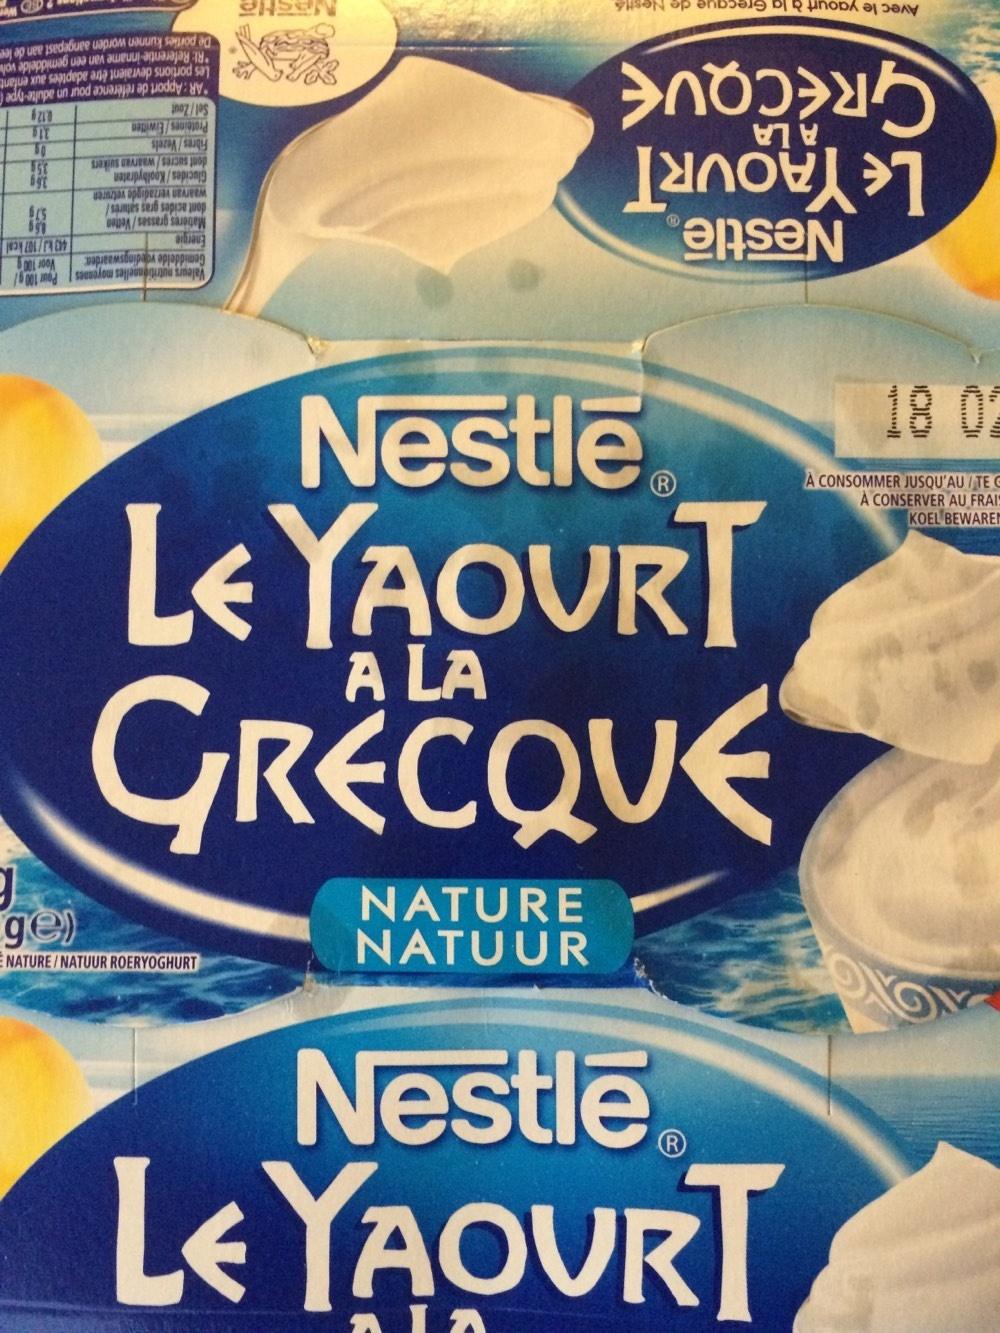 Le Yaourt à la Grecque Nature - Product - fr